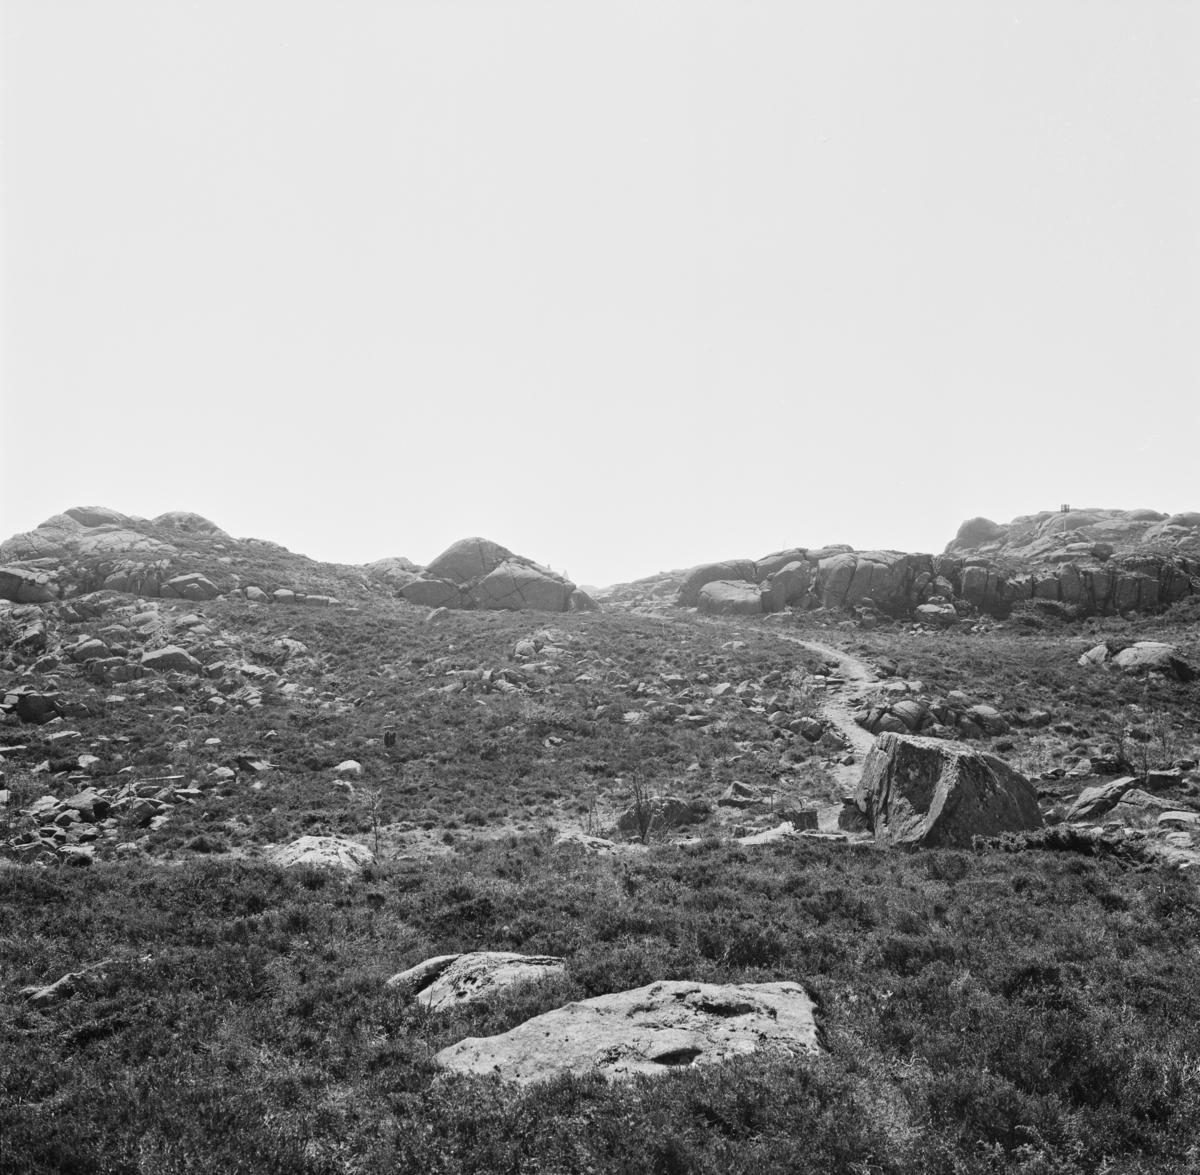 Terrasse ca 130 m sør for R5, fra N.